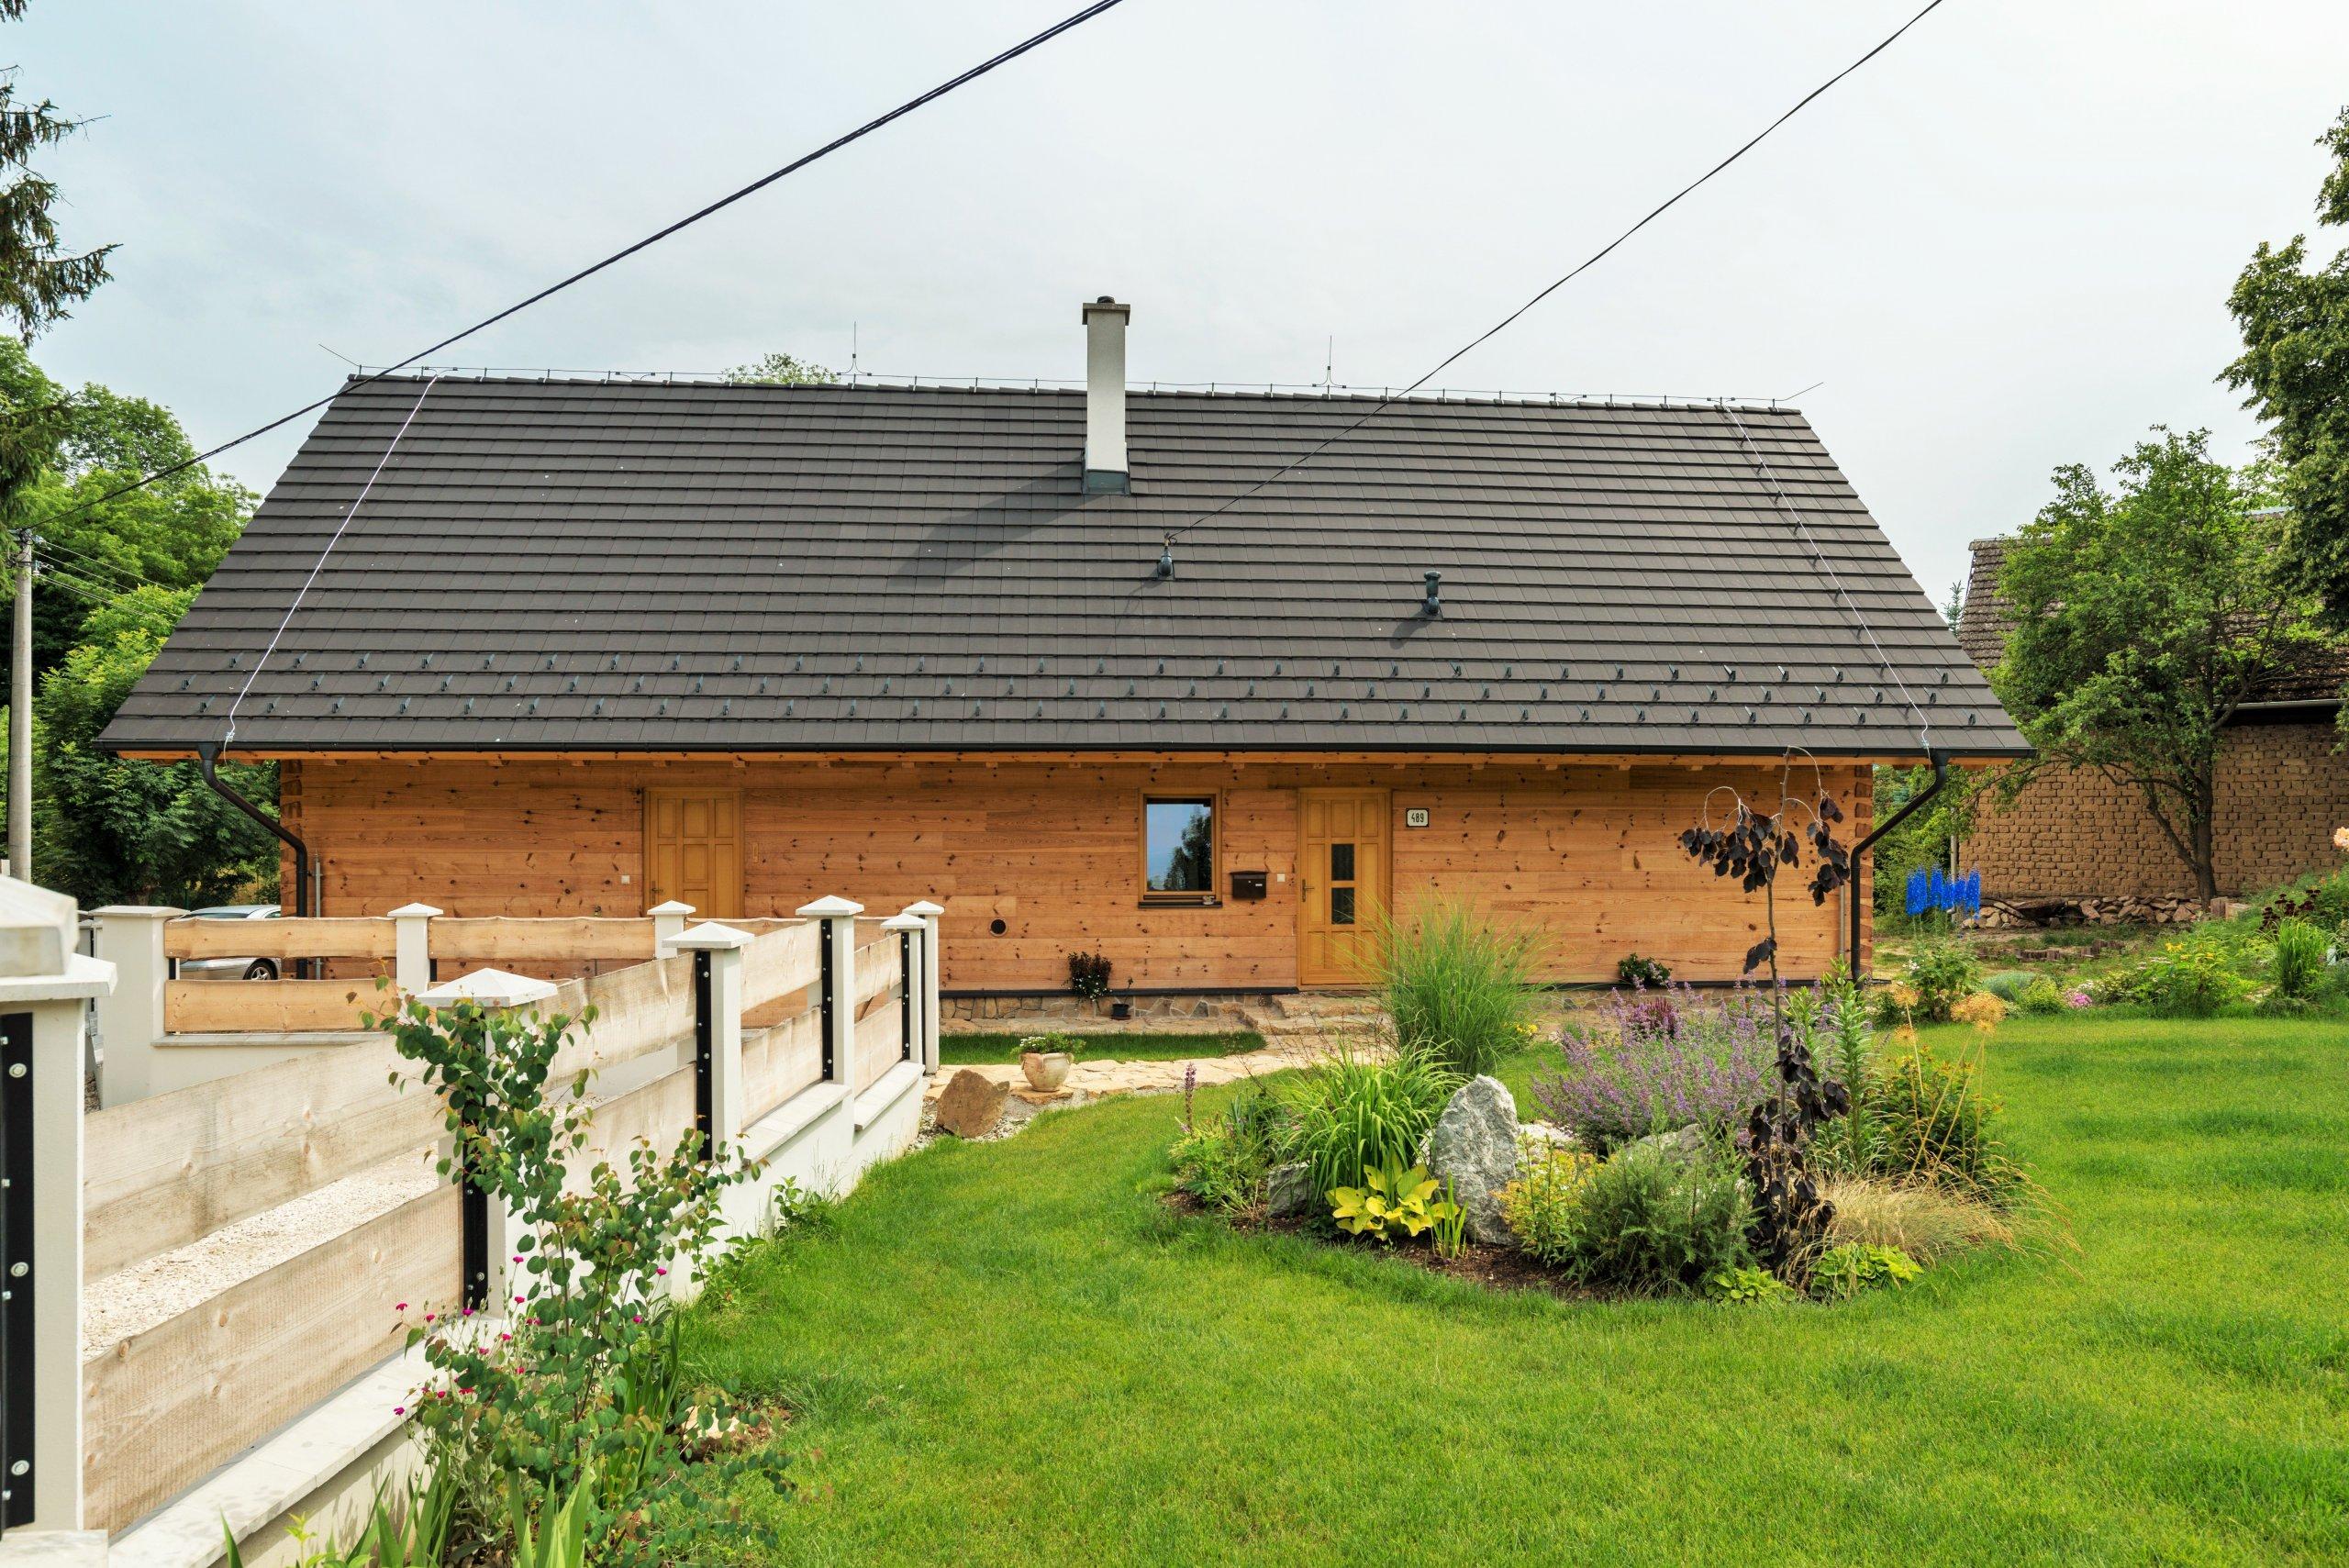 Krásná moderní roubenka z borovice do tvaru U postavená na Slovensku. Tato roubenka slouží jako rozvojové centrum Demján s.r.o.pro legendárního…